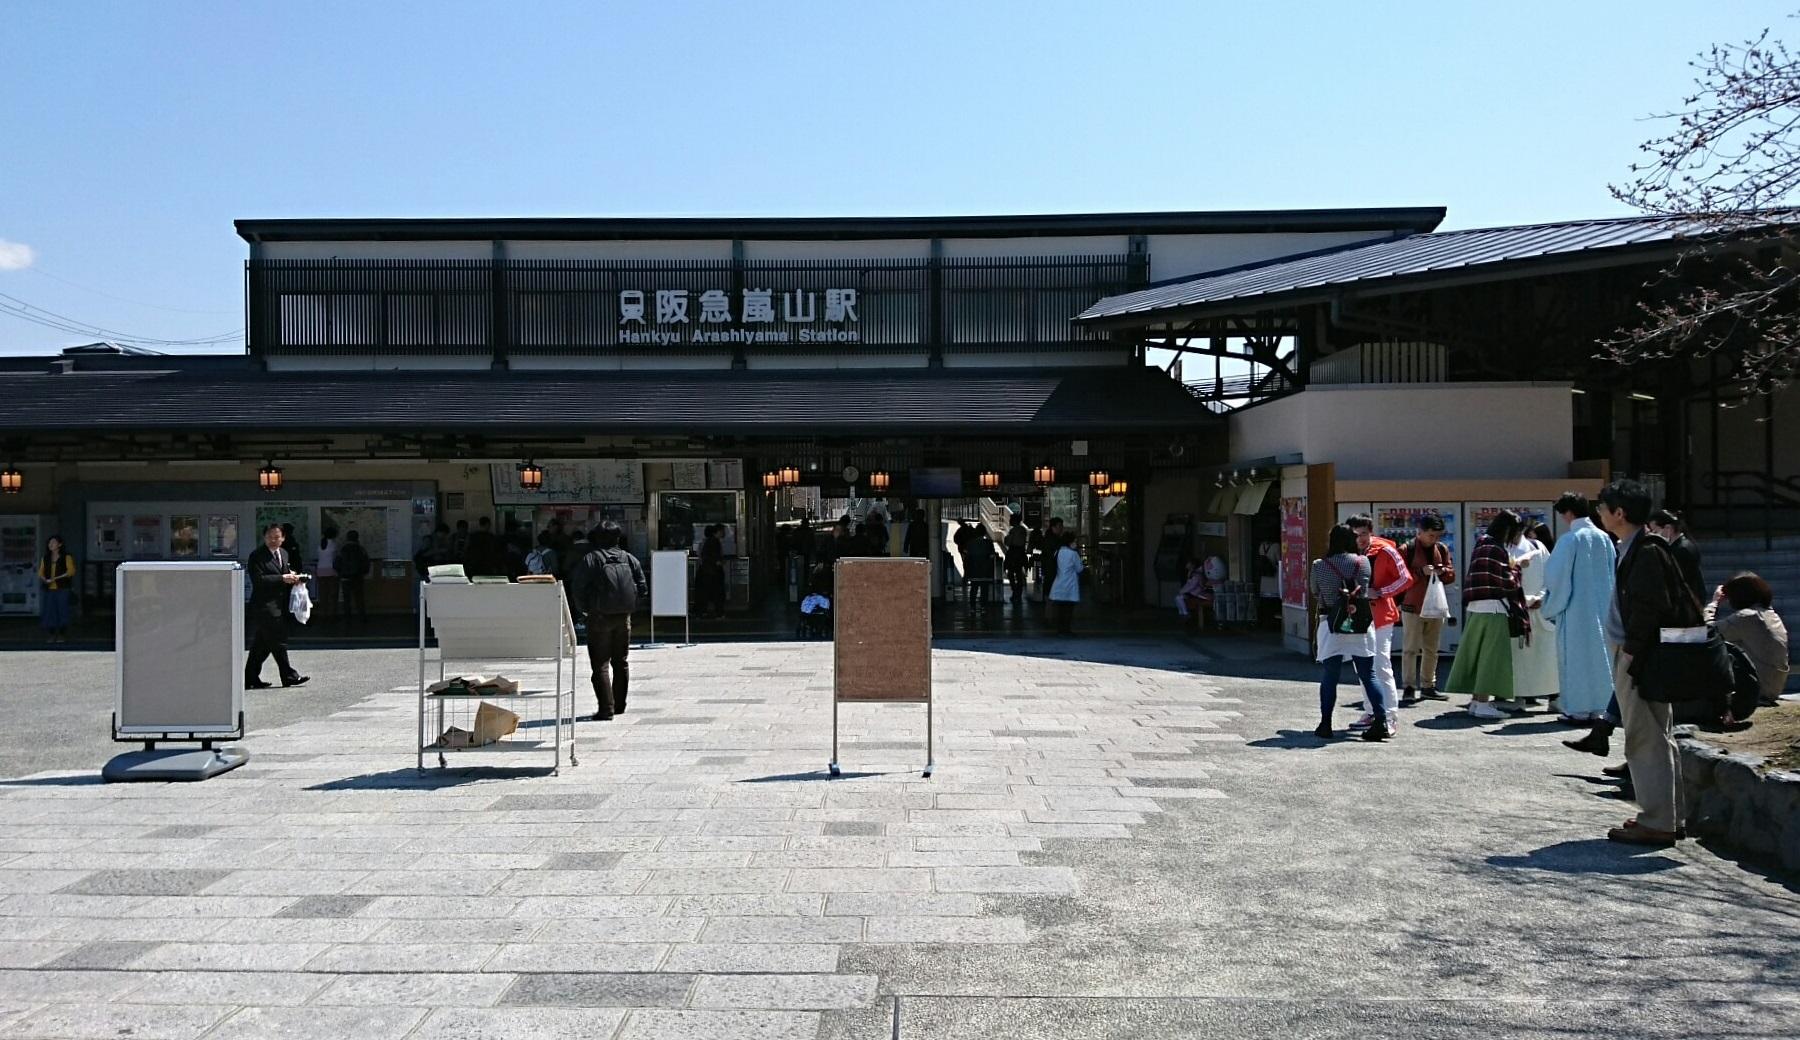 2017.4.2 阪急 (5) 阪急嵐山駅 1800-1040